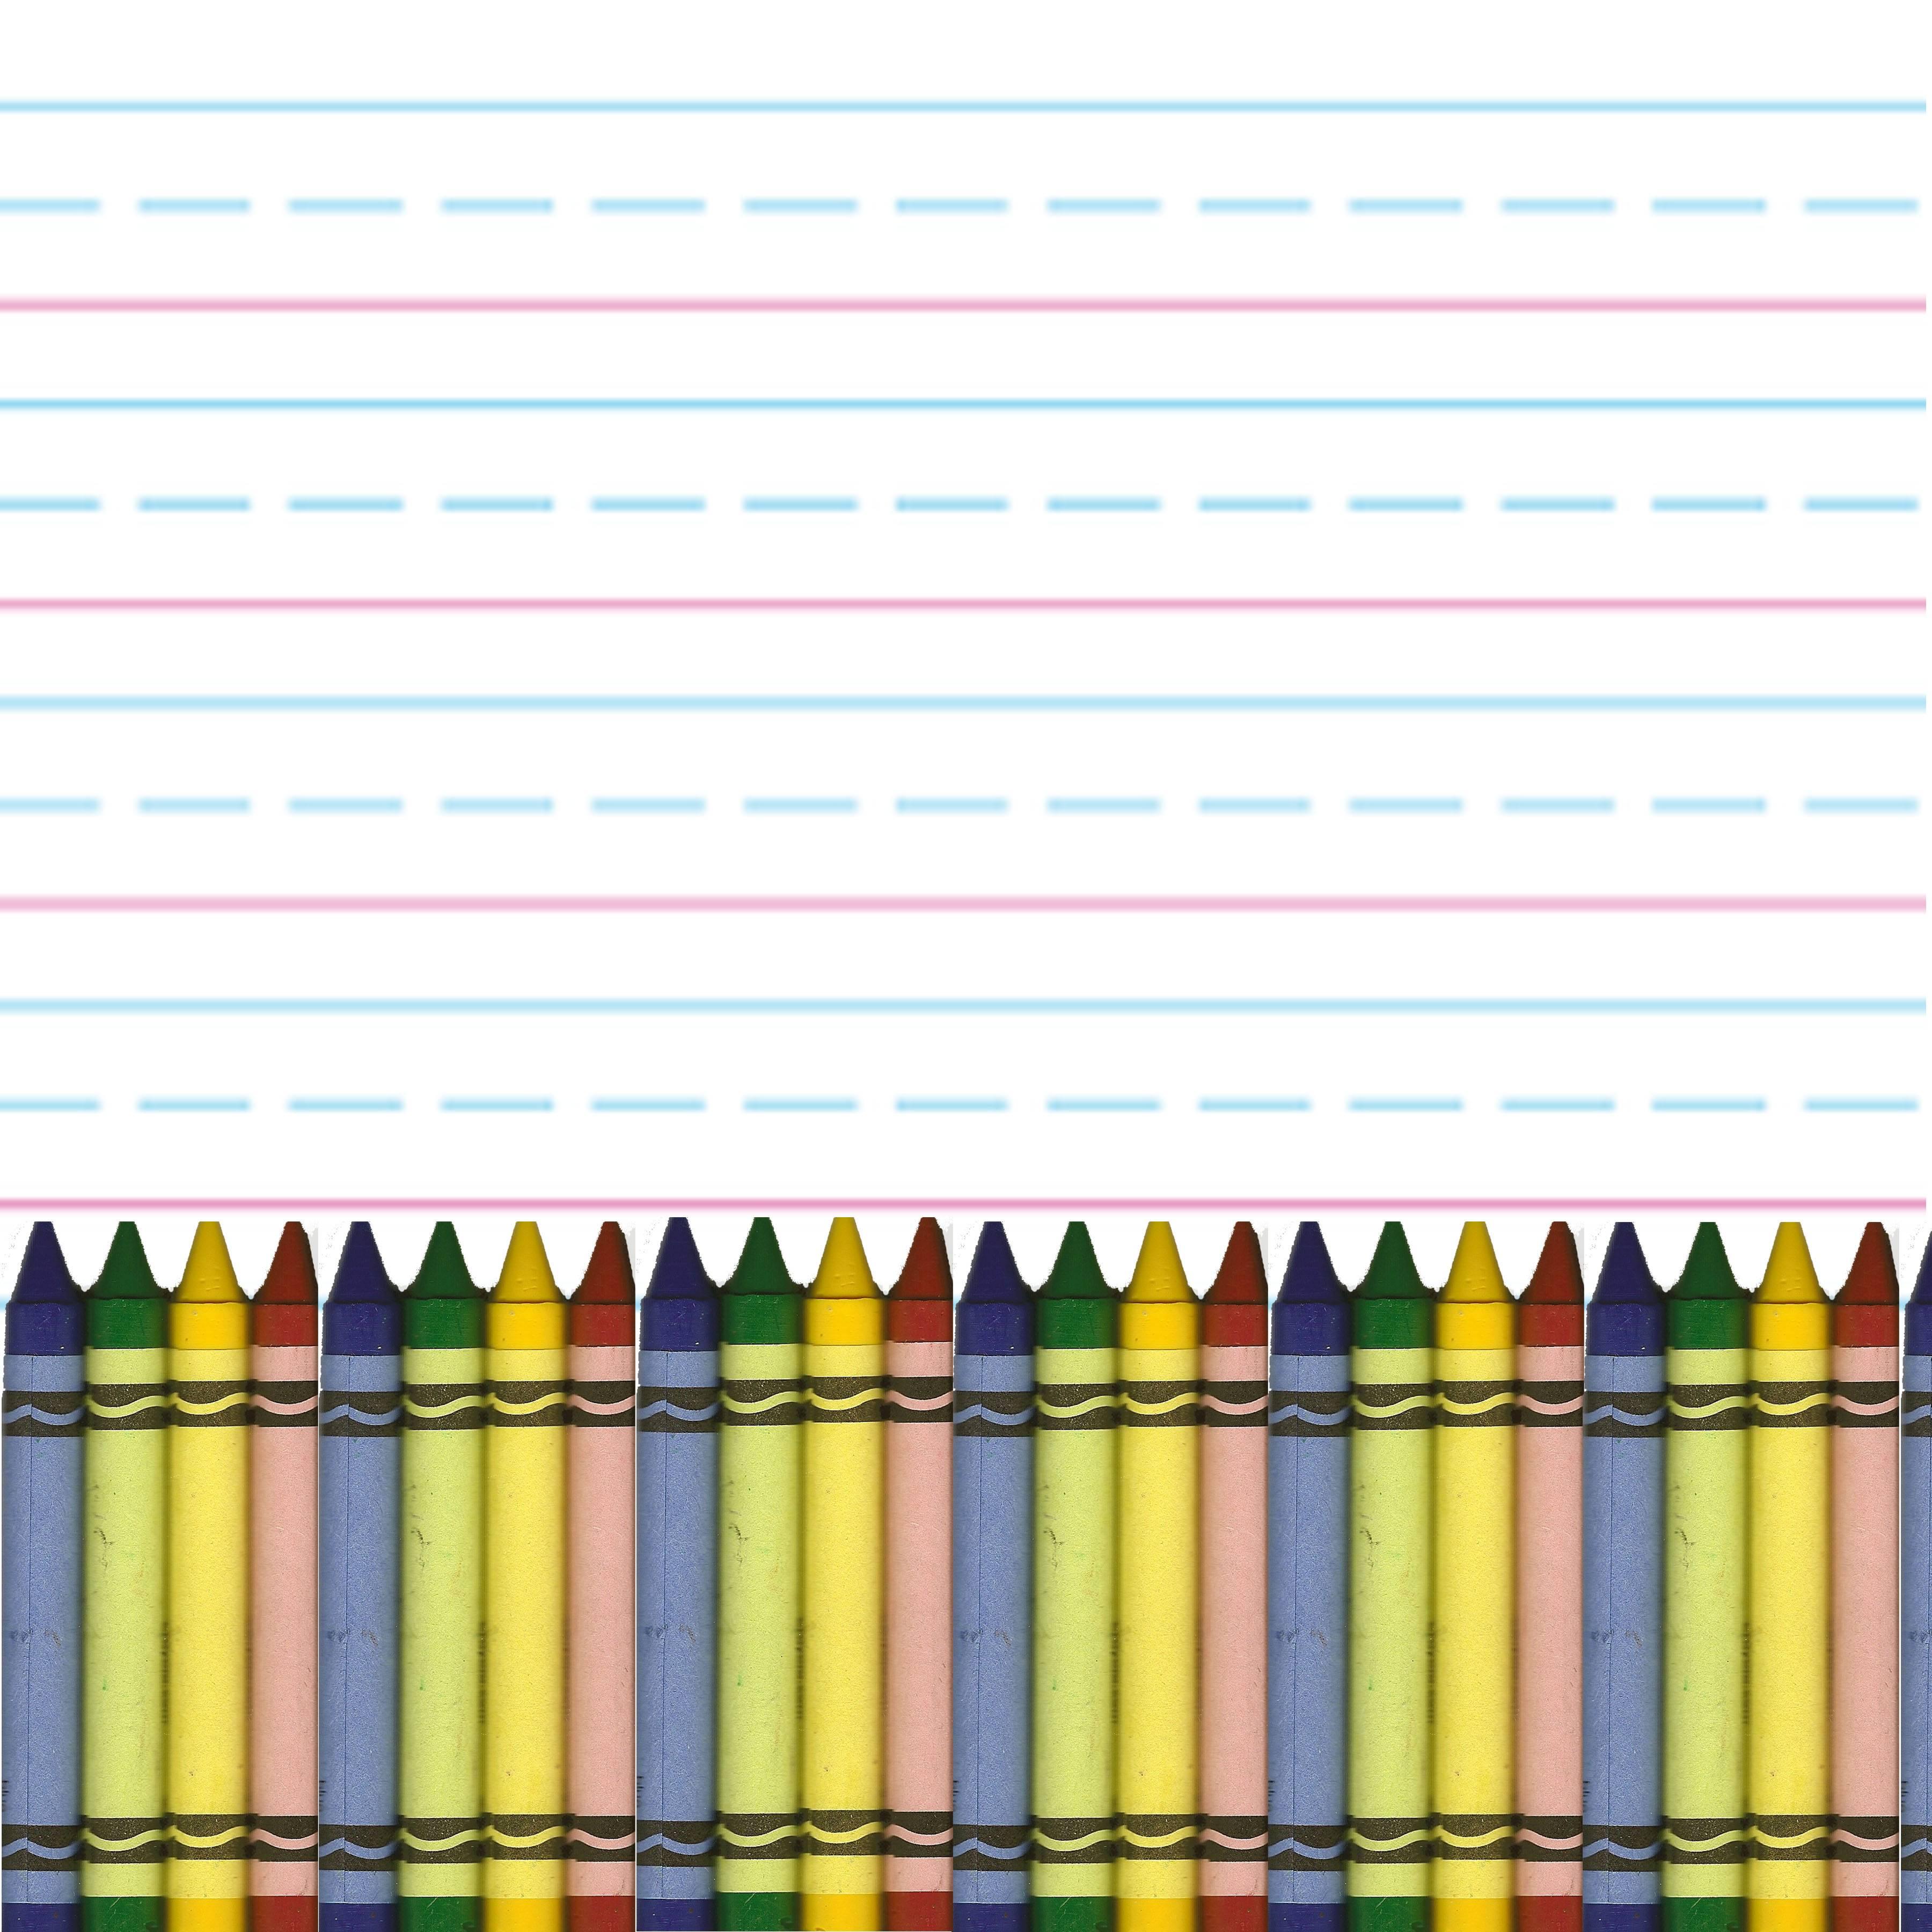 School Desktop Wallpapers 3600x3600